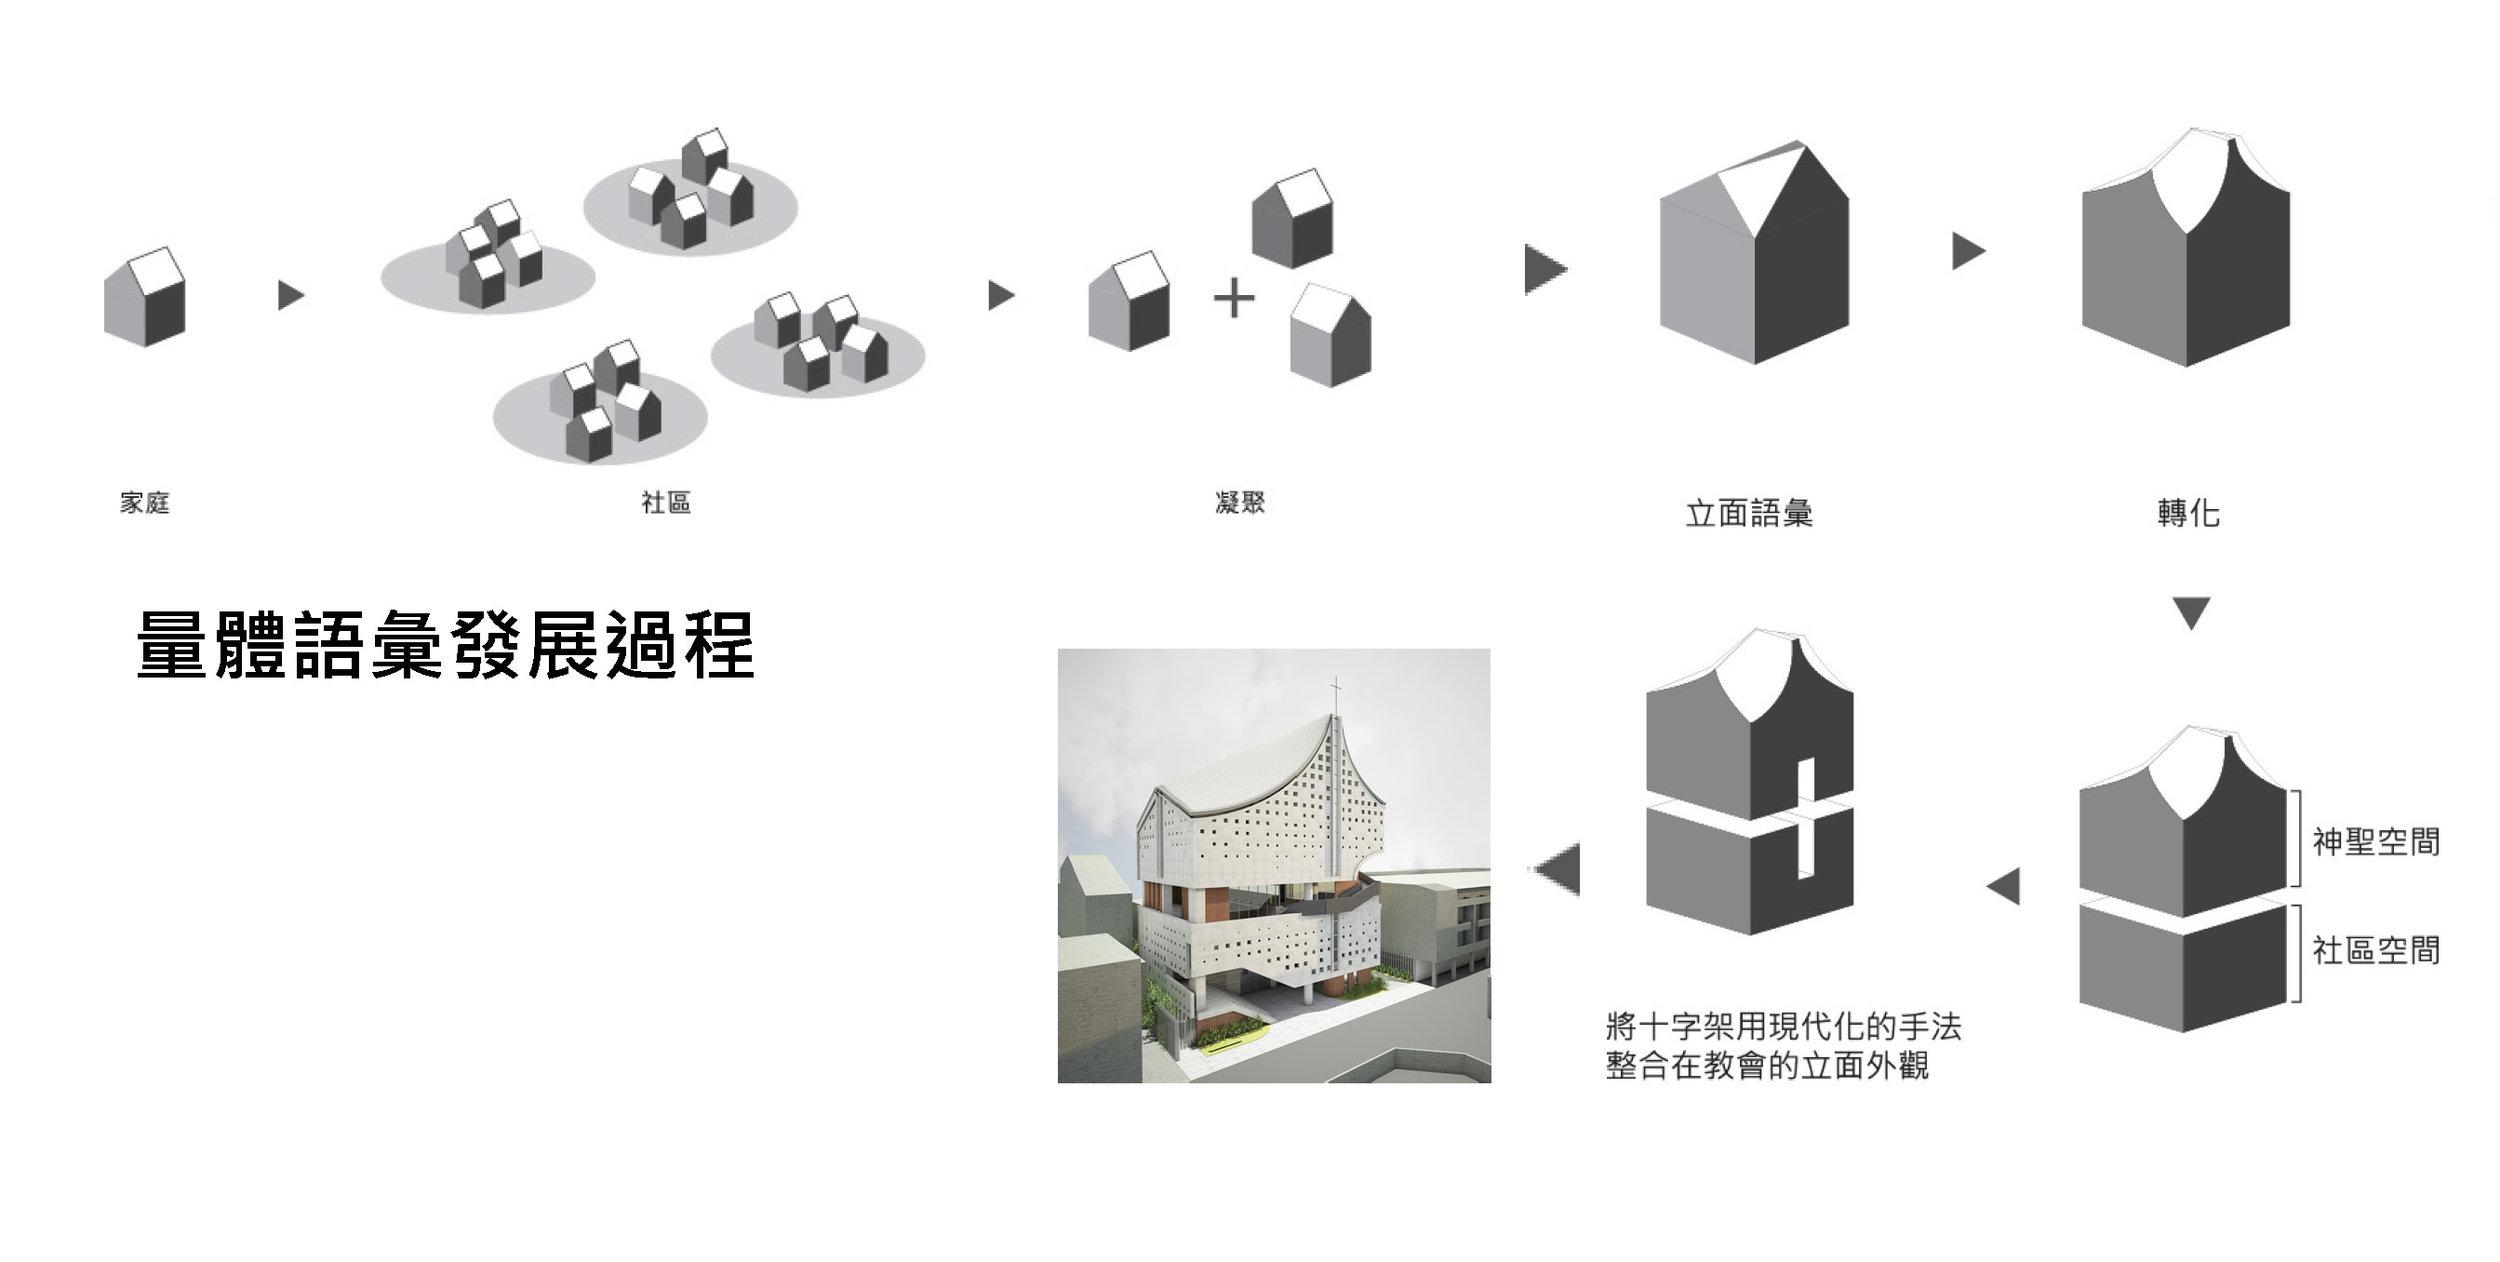 德光教會第二階段設計簡報20140109-5 all3_Page_05.jpg